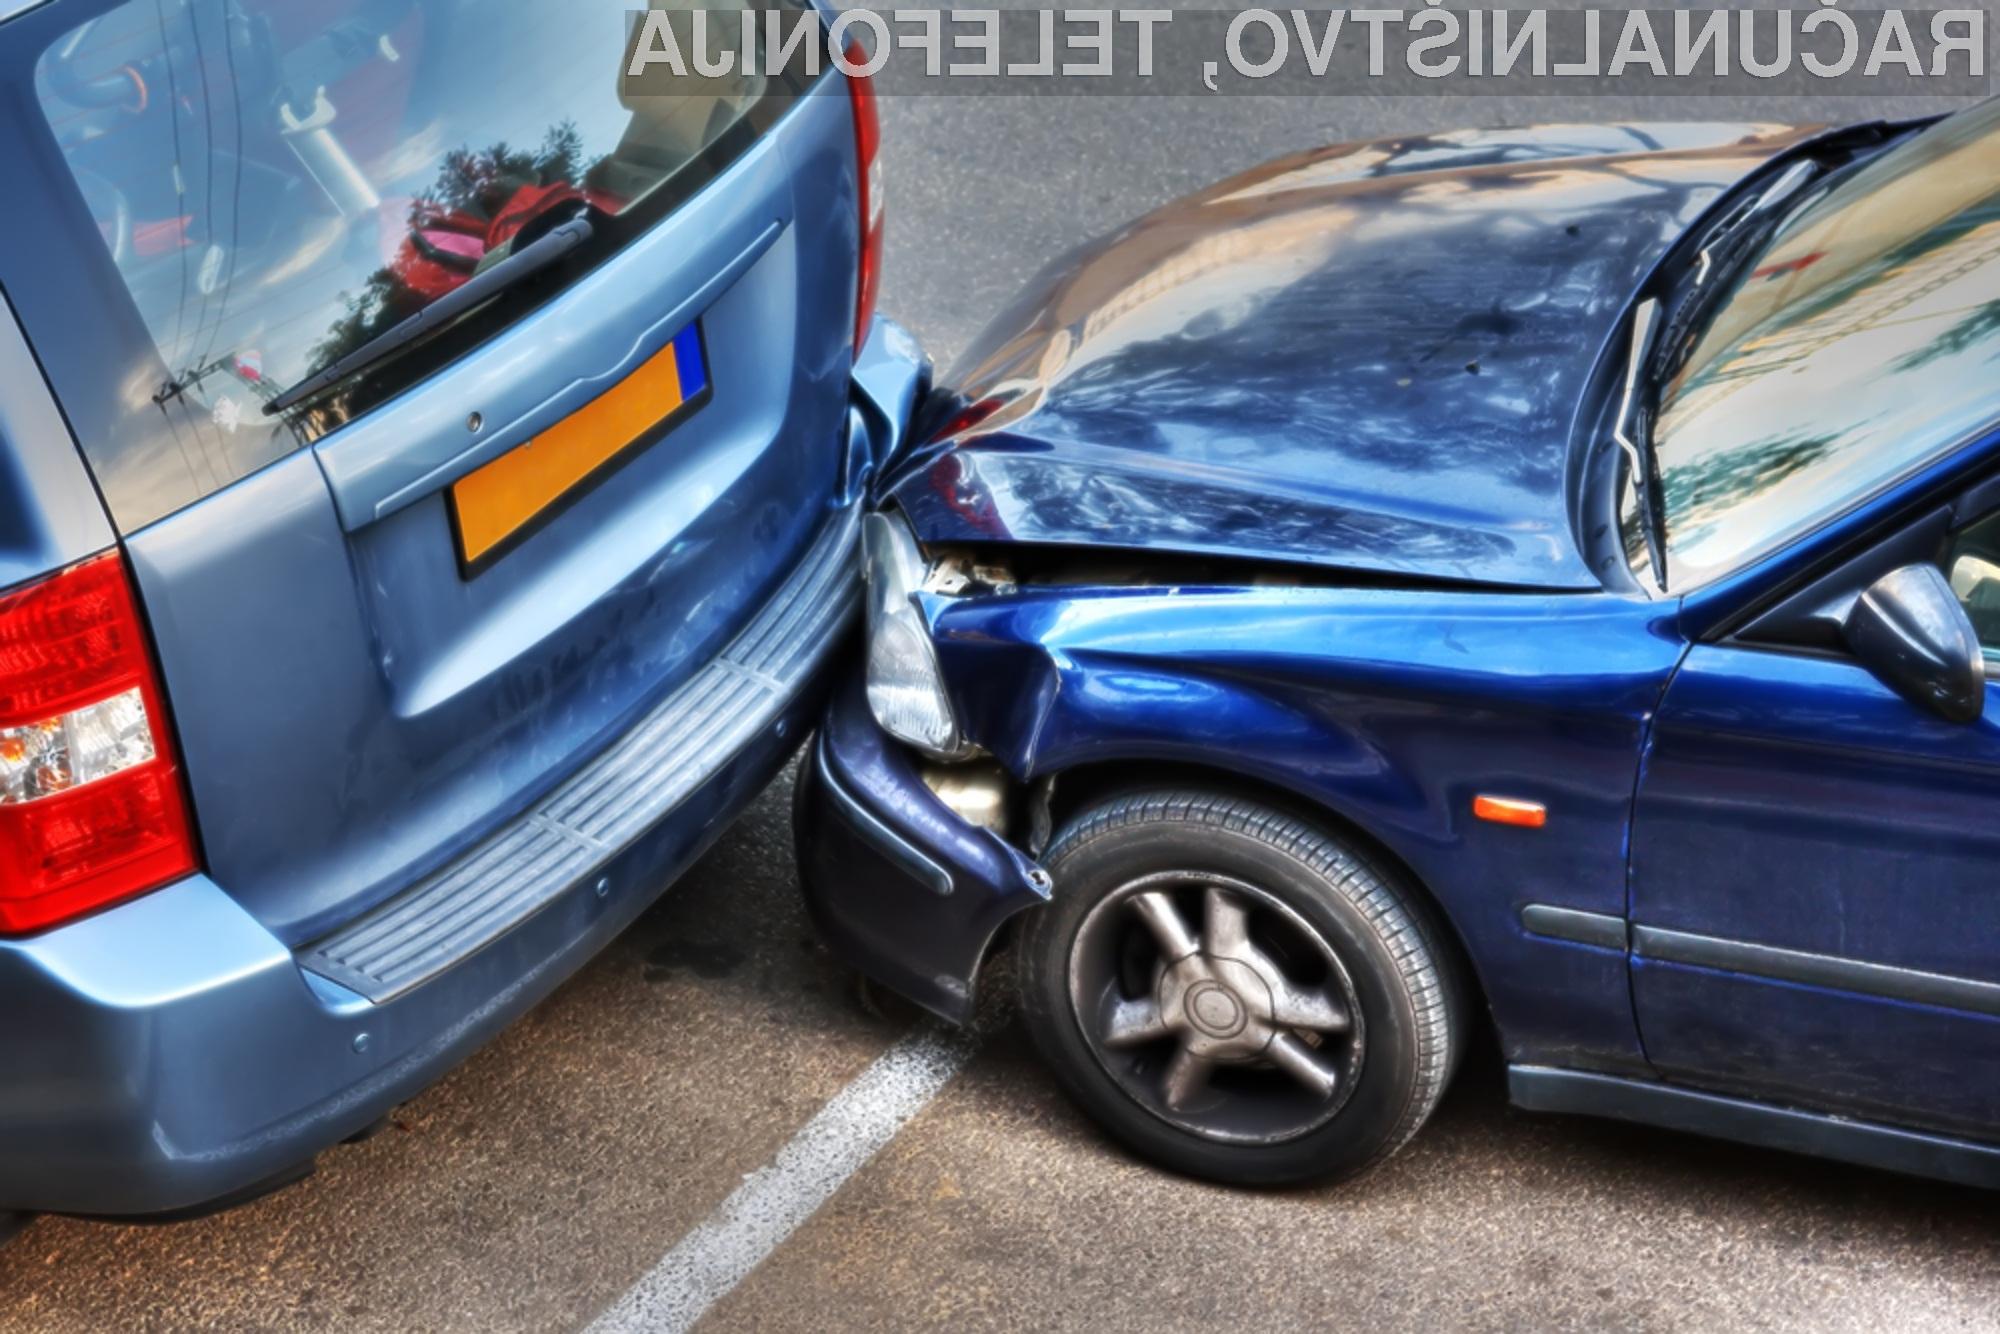 Obvezna vgradnja črnih skrinjic naj bi znatno zmanjšala število prometnih nesreč zaradi objestne vožnje.